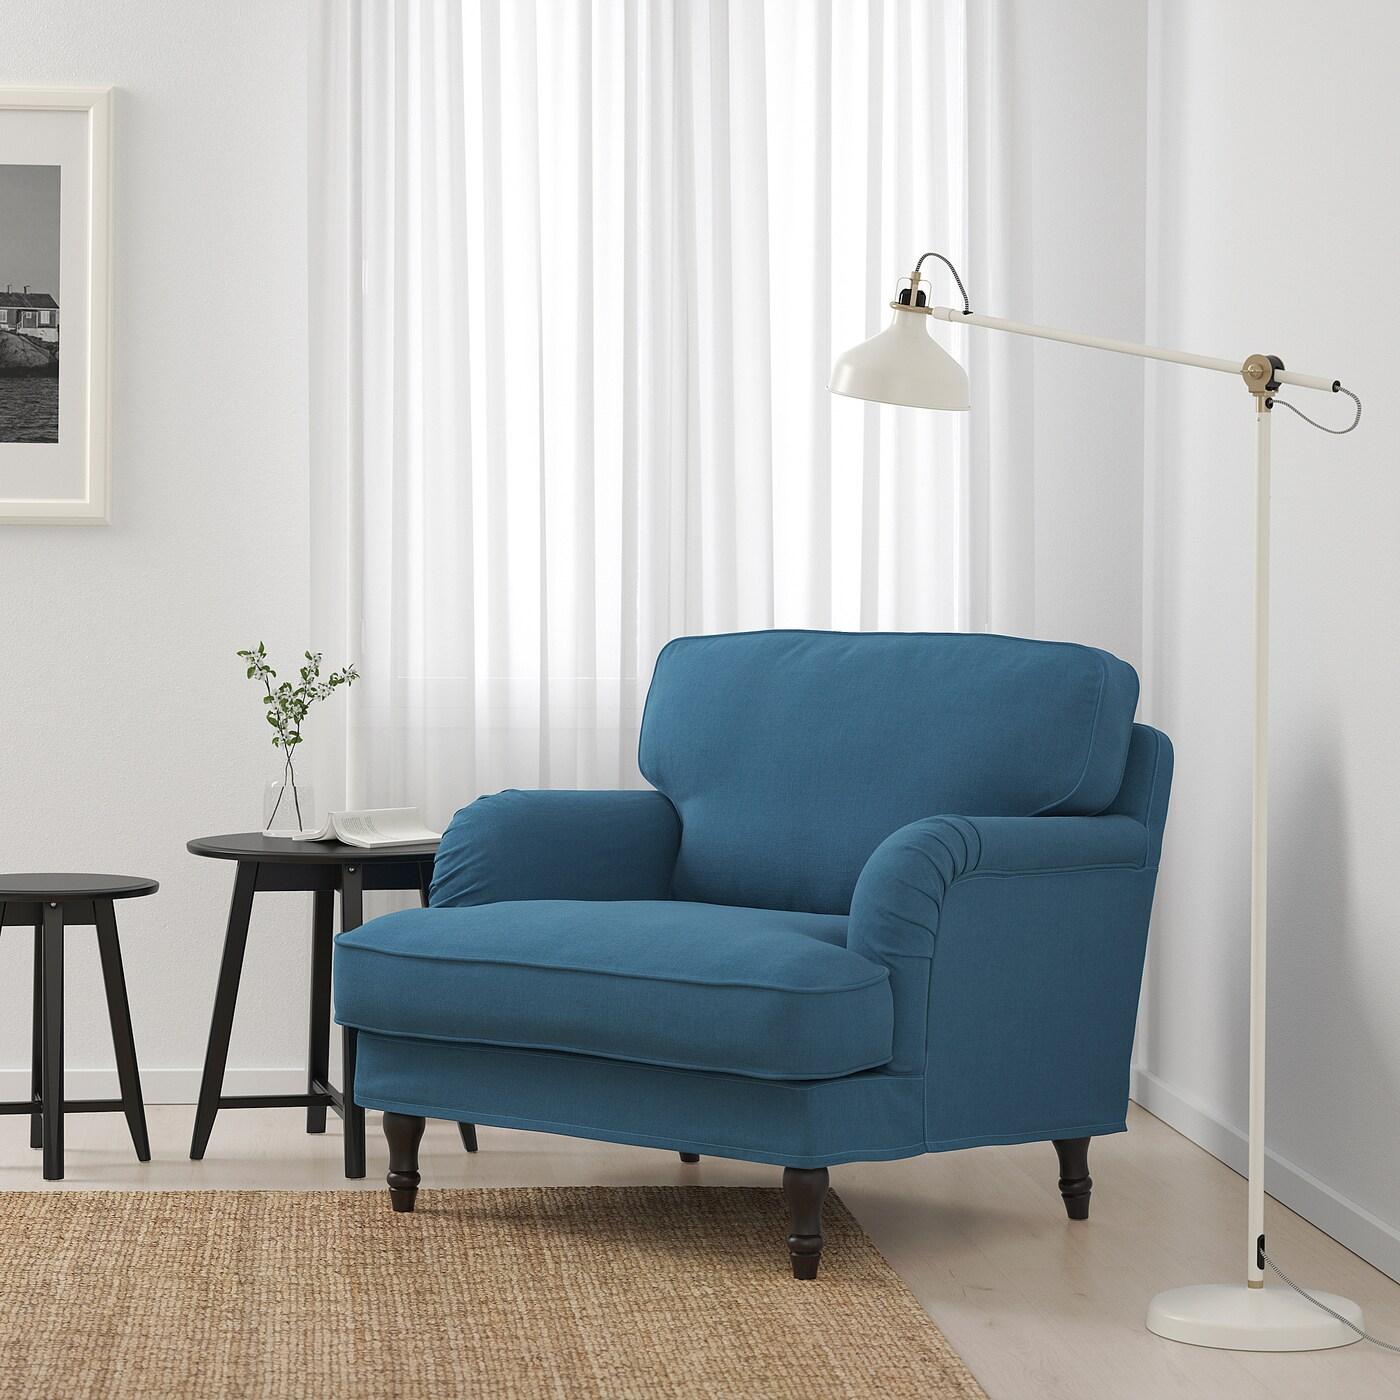 STOCKSUND Lenestol Ljungen blåsvarttre IKEA